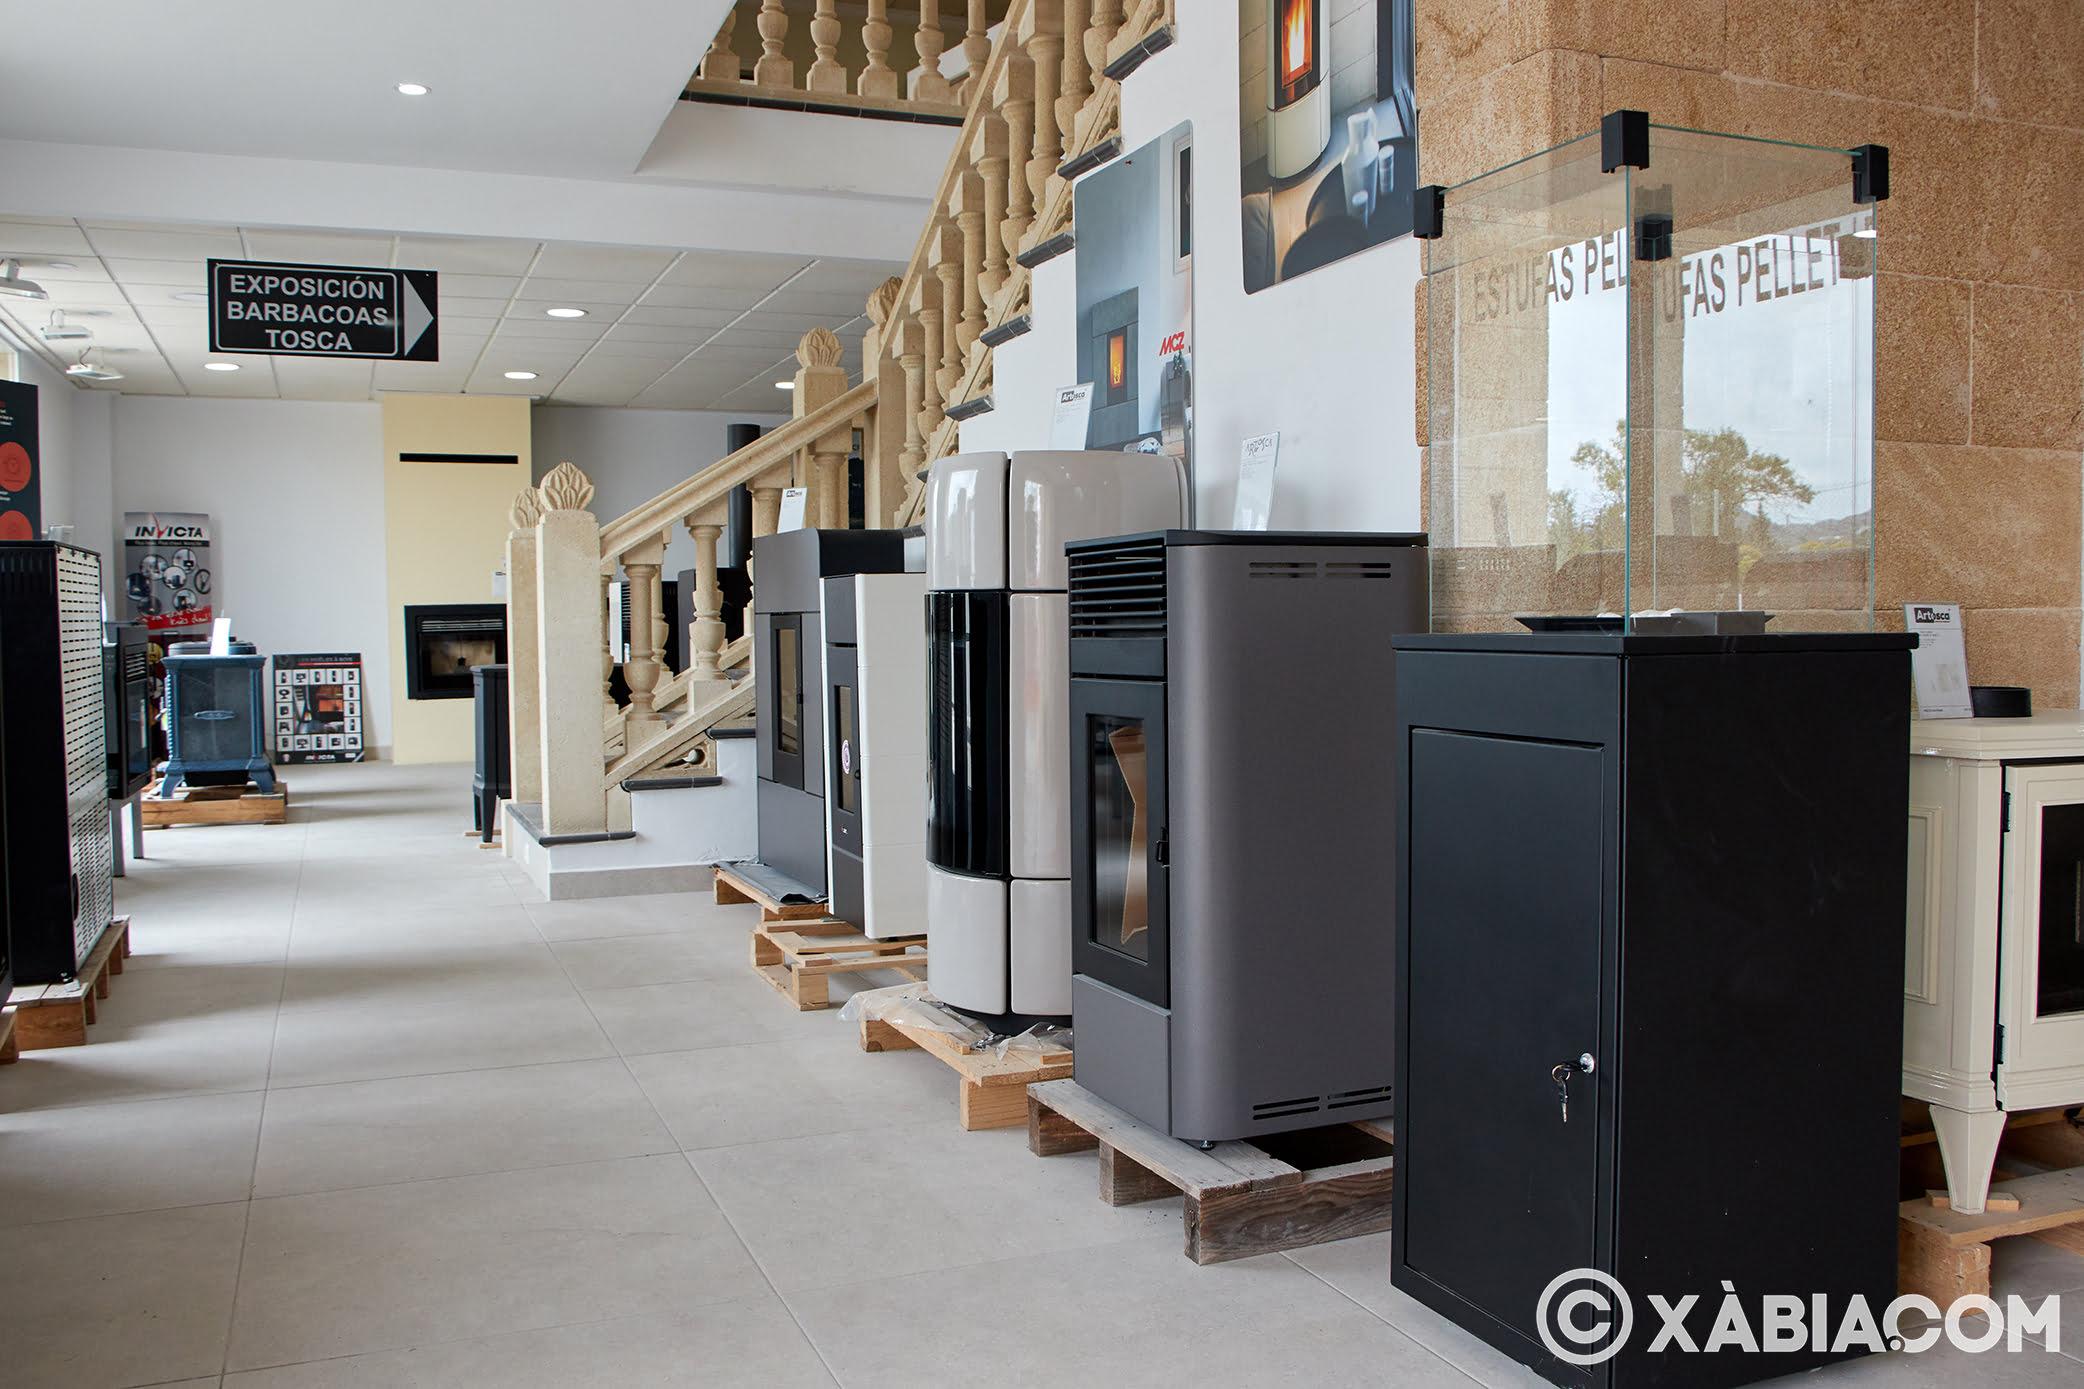 Calefacción y estufas en Jávea – Artosca